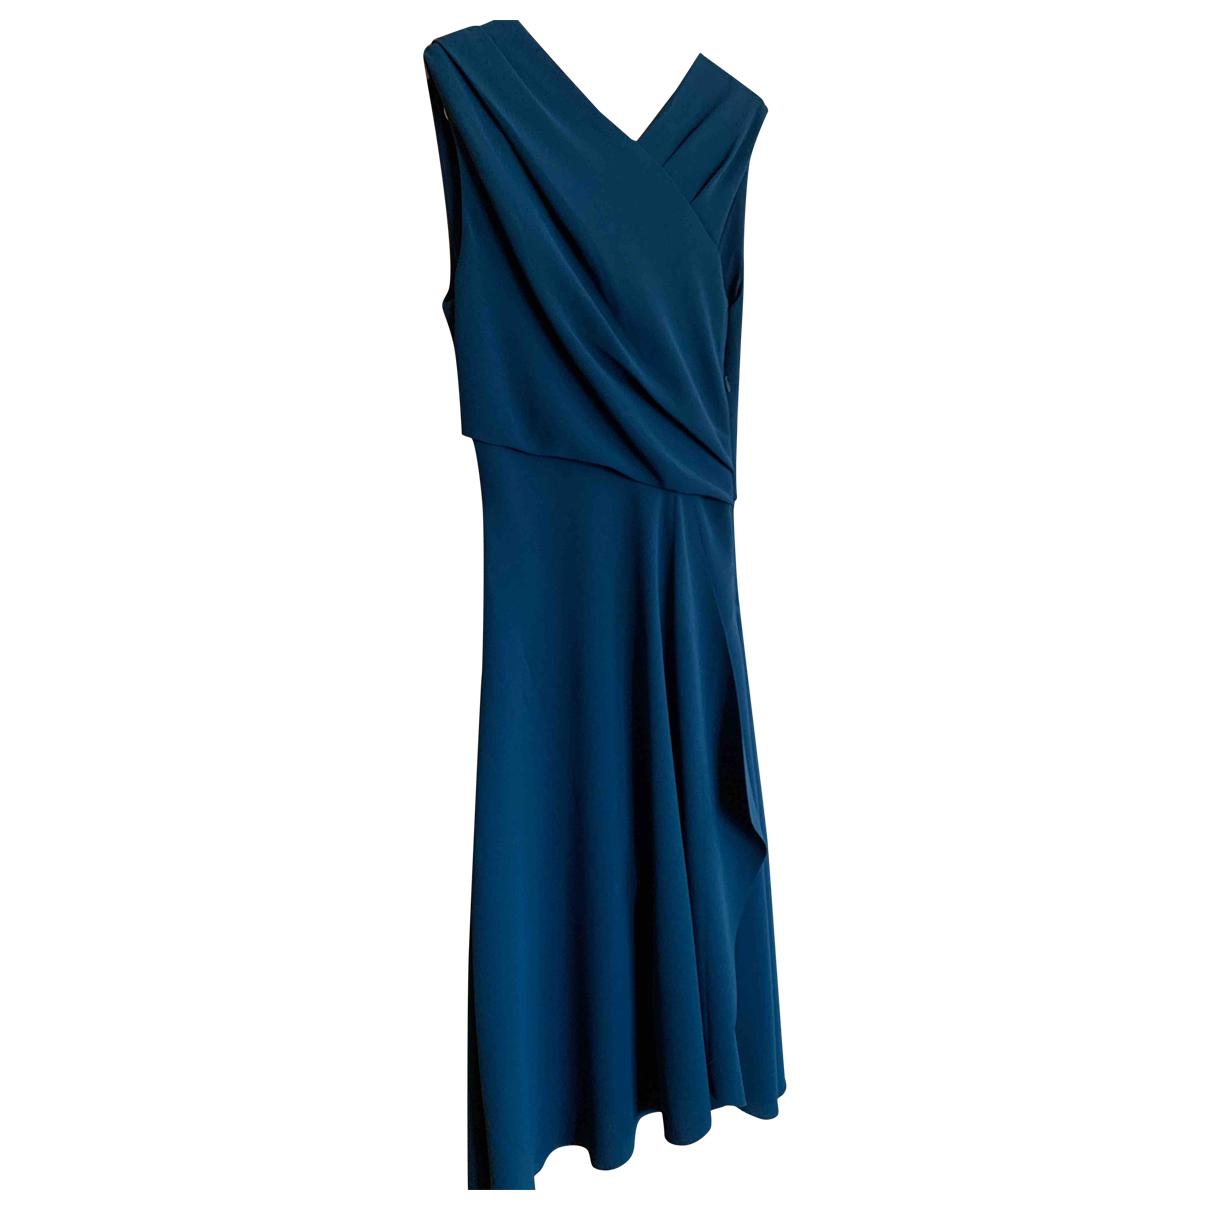 Reiss N Blue dress for Women 10 UK